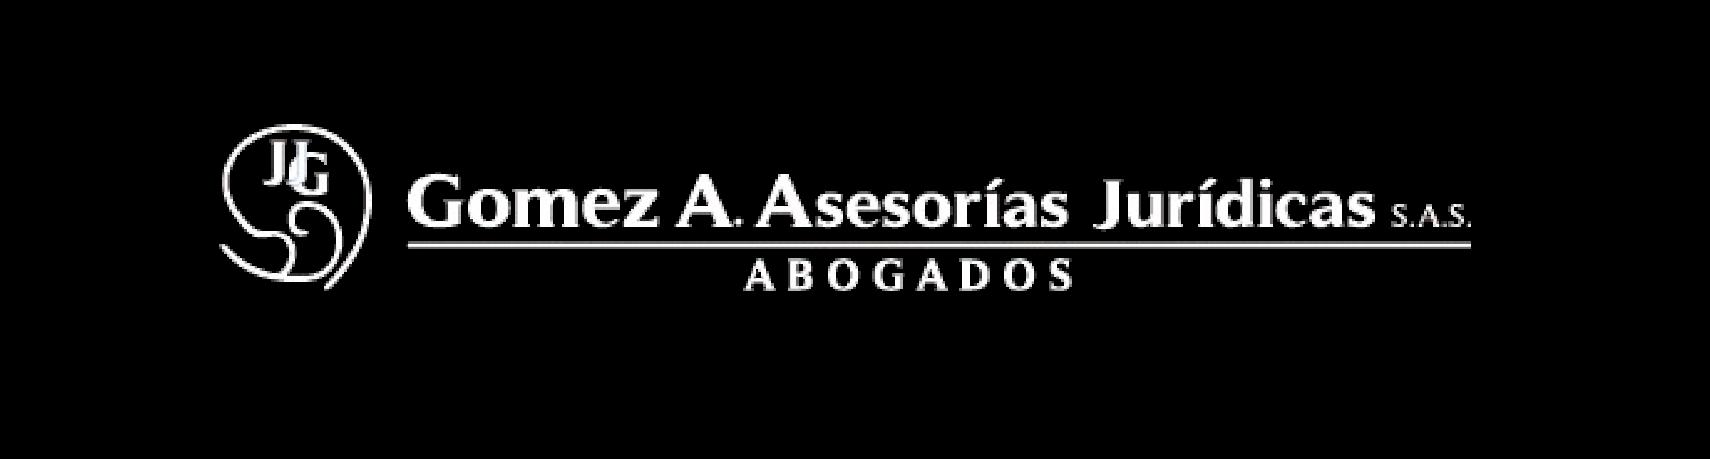 Abogados Gomez A. Asesorias Juridicas | Seguridad Social | Derecho Laboral |  Derecho Empresarial